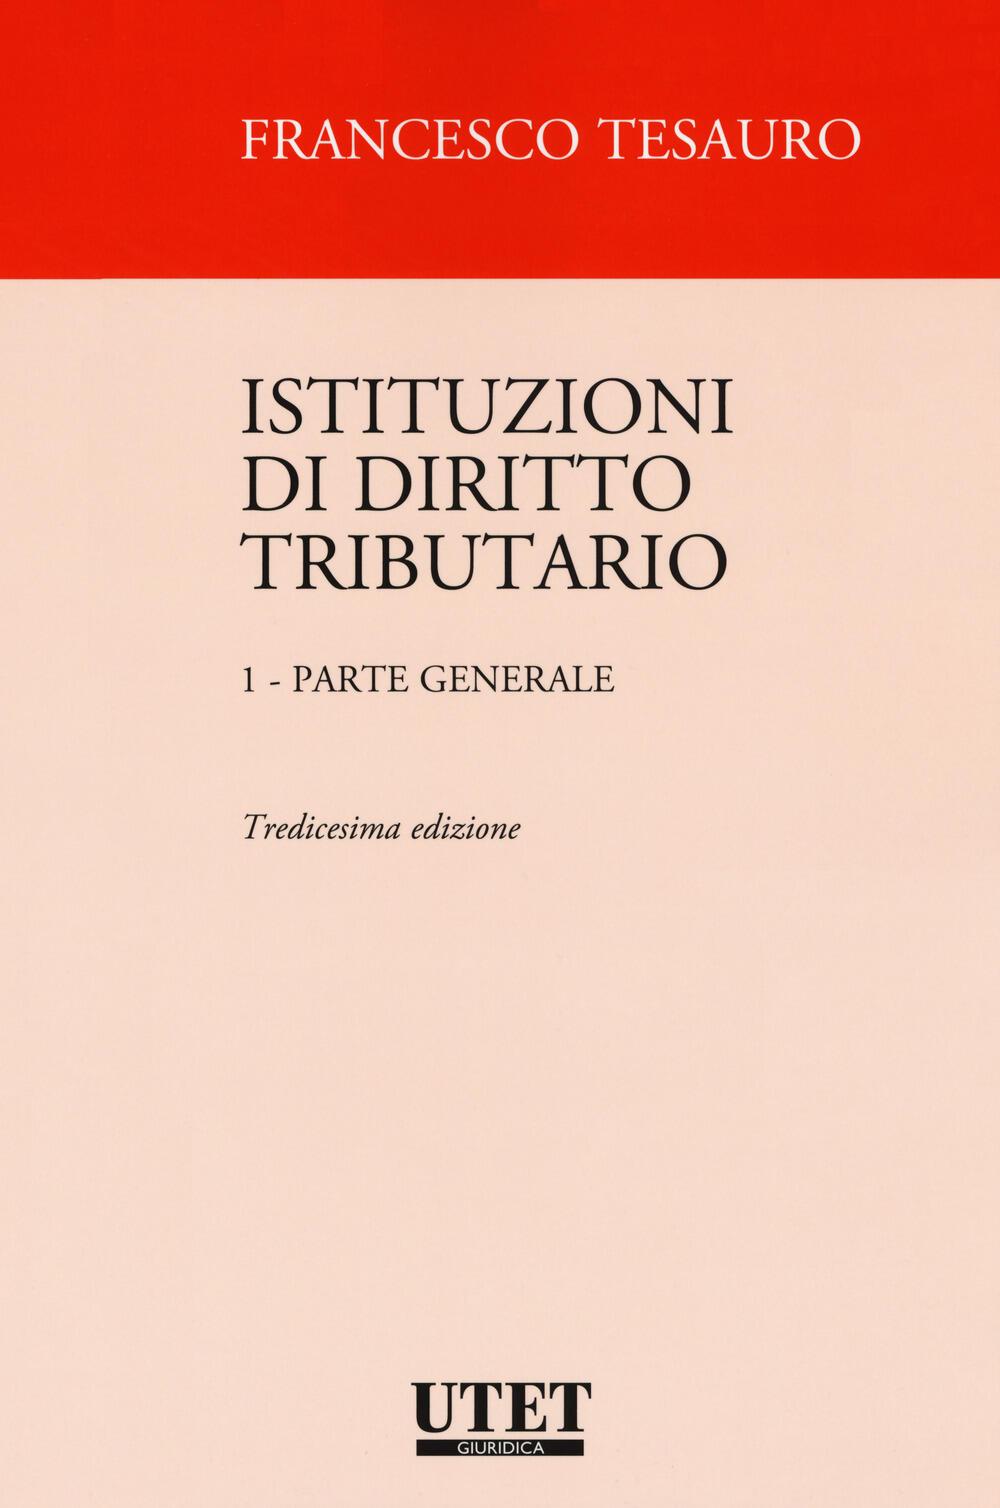 Istituzioni di diritto tributario. Vol. 1: Parte generale.